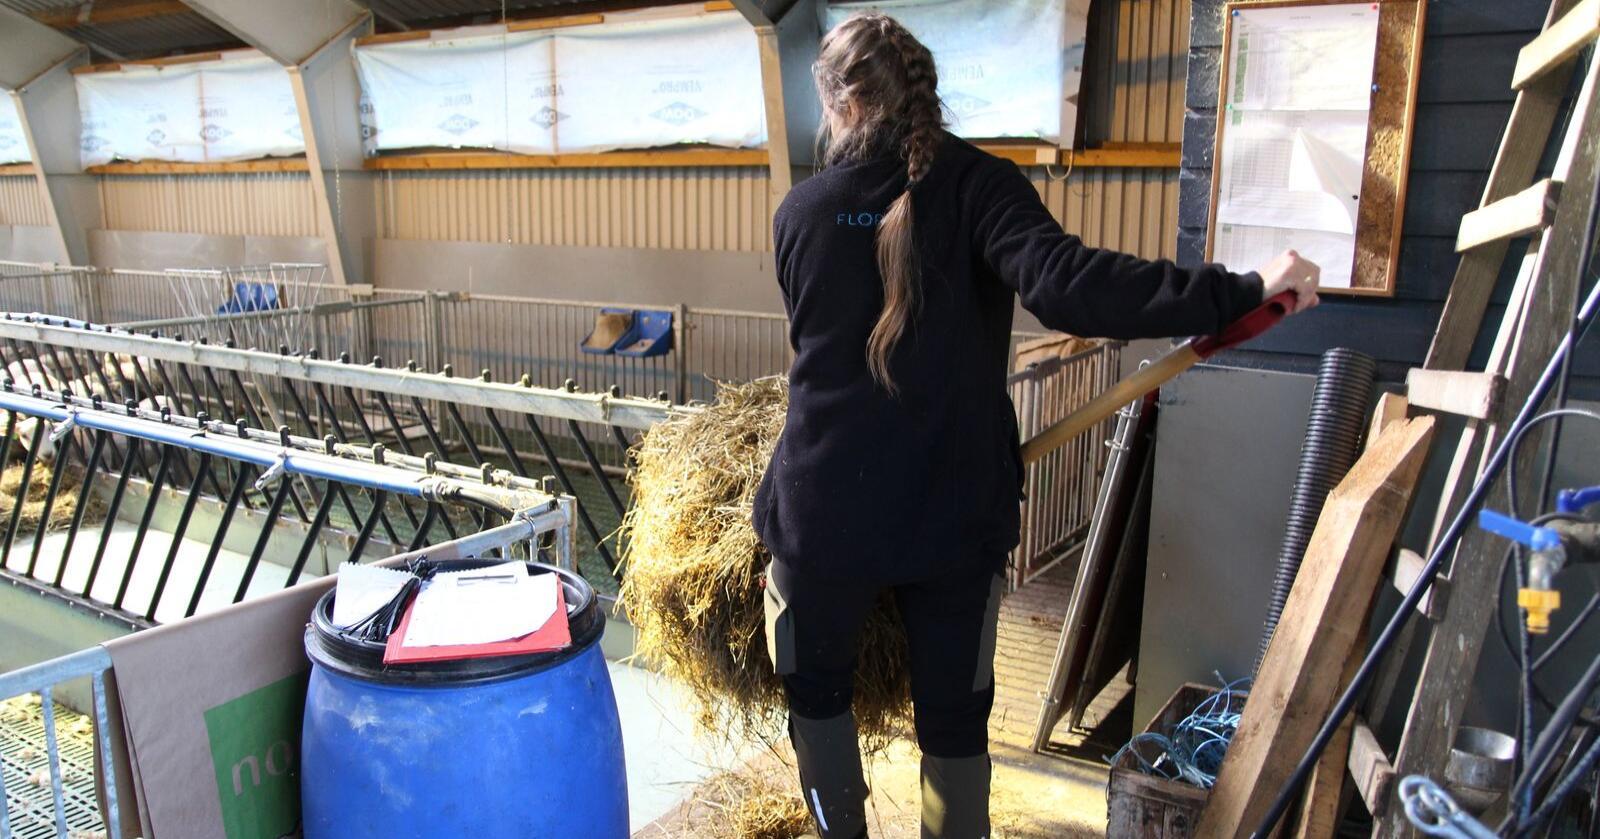 For dårleg: Velferdsordningane i samband med svangerskap, fødsel og foreldrepermisjon må bli betre, meiner ei gruppe mjølkebønder i Møre og Romsdal. (Illustrasjonsfoto: Kristin Bergo)